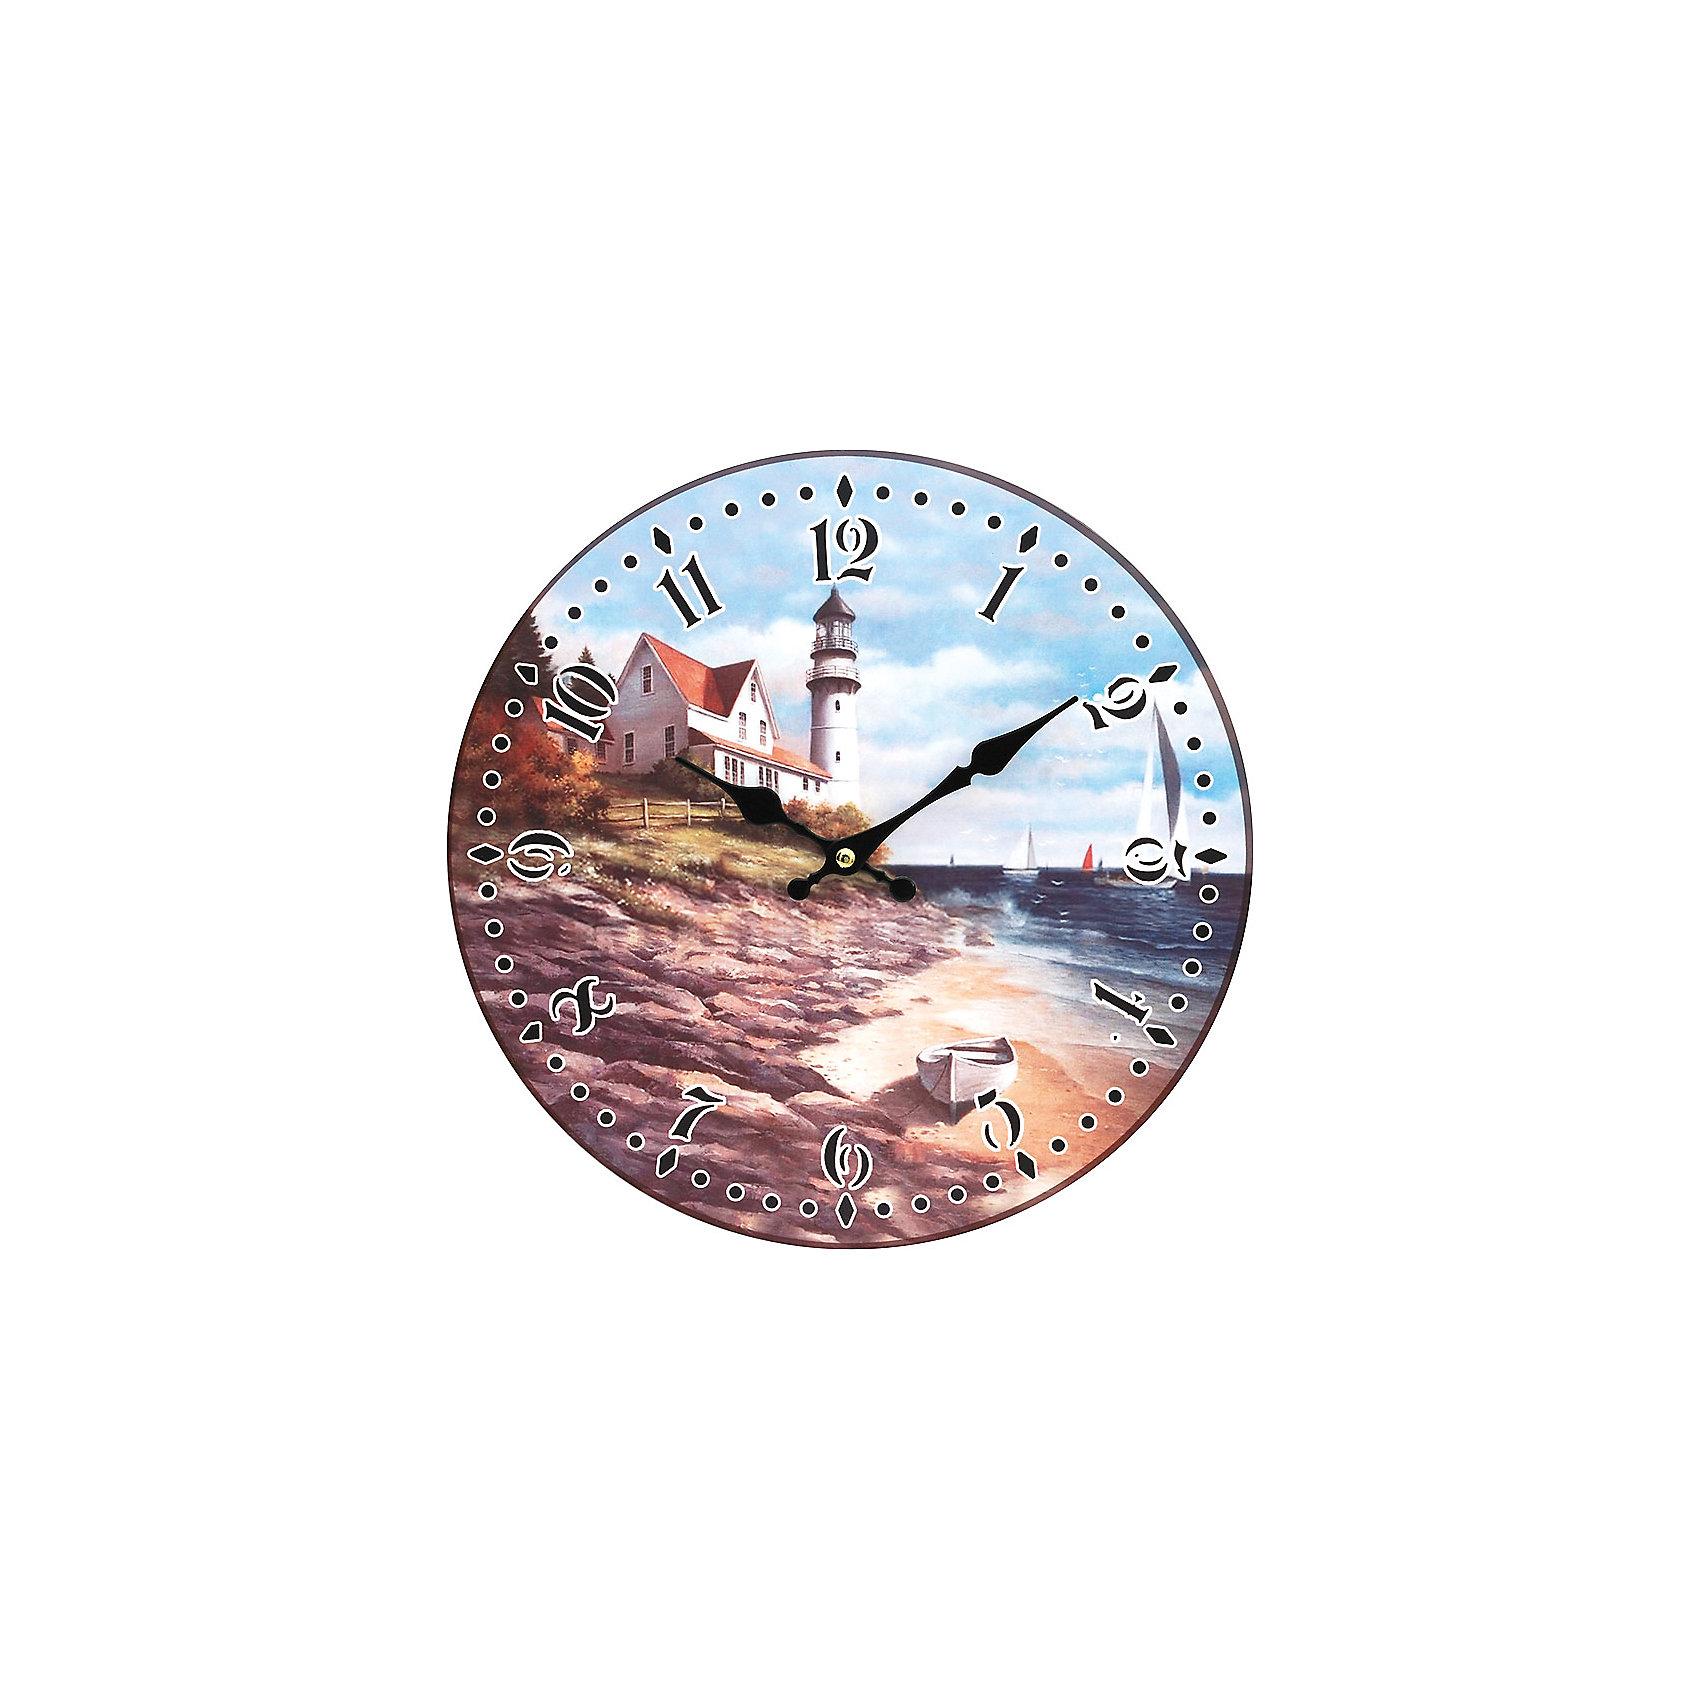 Часы настенные На берегу моря, диаметр 34 смЧасы настенные На берегу моря, диаметр 34 см.<br><br>Характеристики:<br><br>- Диаметр: 34 см.<br>- Две стрелки часовая и минутная<br>- Батарейка: 1 типа АА (в комплект не входит)<br>- Основные цвета: бронзовый, голубой, кремовый<br>- Упаковка картонная коробка<br><br>Кварцевые настенные часы с механизмом плавного хода помимо своего прямого назначения – показывать точное время – станут важным элементом декора Вашего дома, квартиры или офиса. Открытый циферблат часов выполнен из листа оргалита с декоративным покрытием, оформлен изображением морского пейзажа. Часовая и минутная стрелки металлические. Часовой механизм закрыт пластиковым корпусом. Часы будут ярким акцентом в интерьере и создадут дополнительный уют и хорошее настроение.<br><br>Часы настенные На берегу моря, диаметр 34 см можно купить в нашем интернет-магазине.<br><br>Ширина мм: 345<br>Глубина мм: 340<br>Высота мм: 45<br>Вес г: 2500<br>Возраст от месяцев: 72<br>Возраст до месяцев: 144<br>Пол: Унисекс<br>Возраст: Детский<br>SKU: 5089836